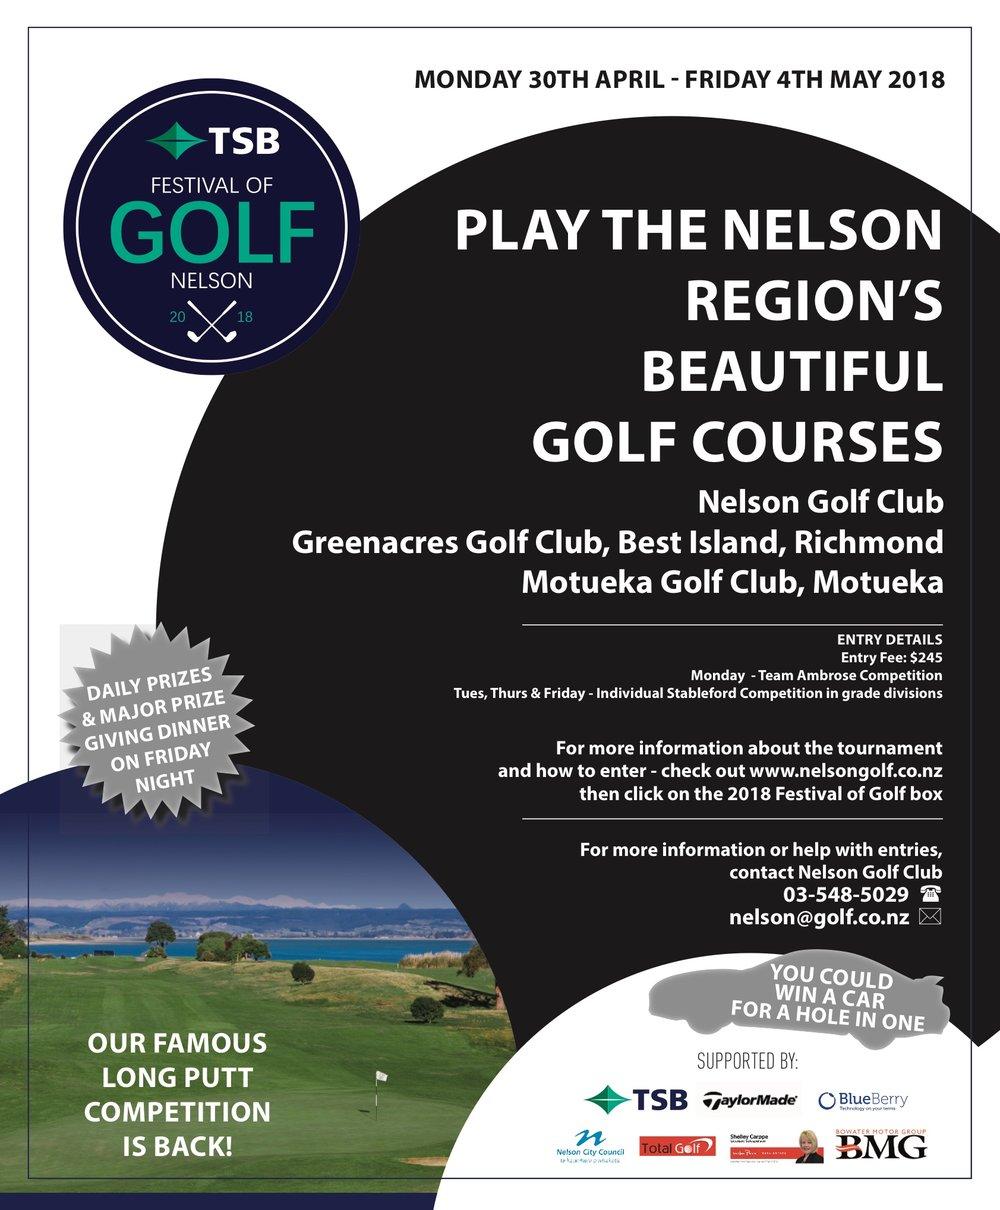 Nelson Festival of Golf FULL PAGE 201802.jpg